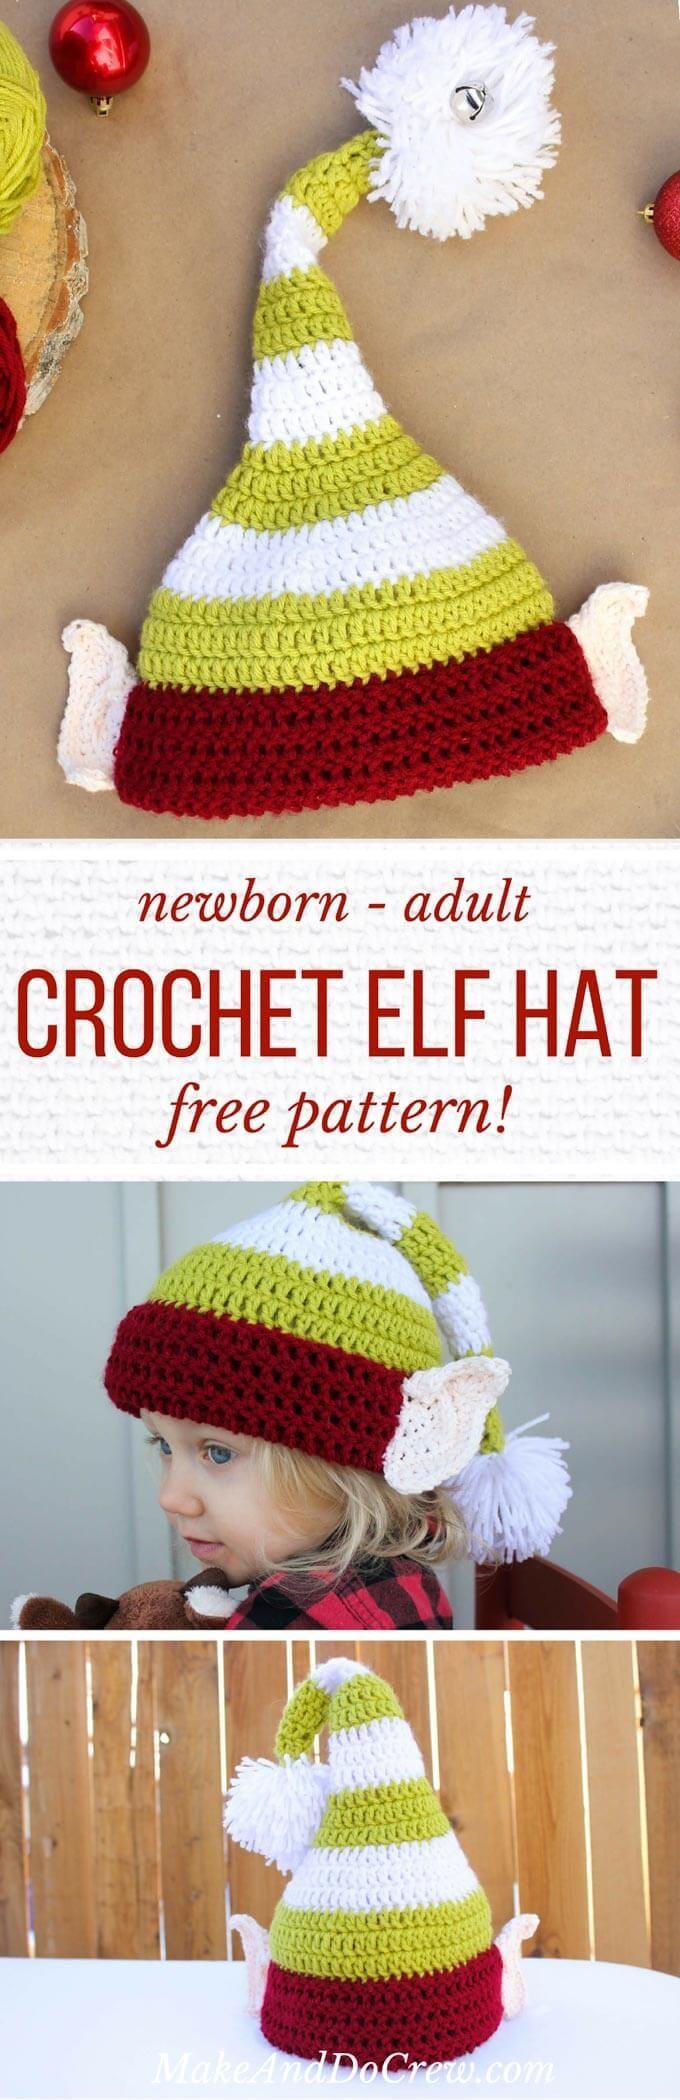 Santa\'s Helper Free Crochet Elf Hat Pattern (With Ears!) | Gorros ...